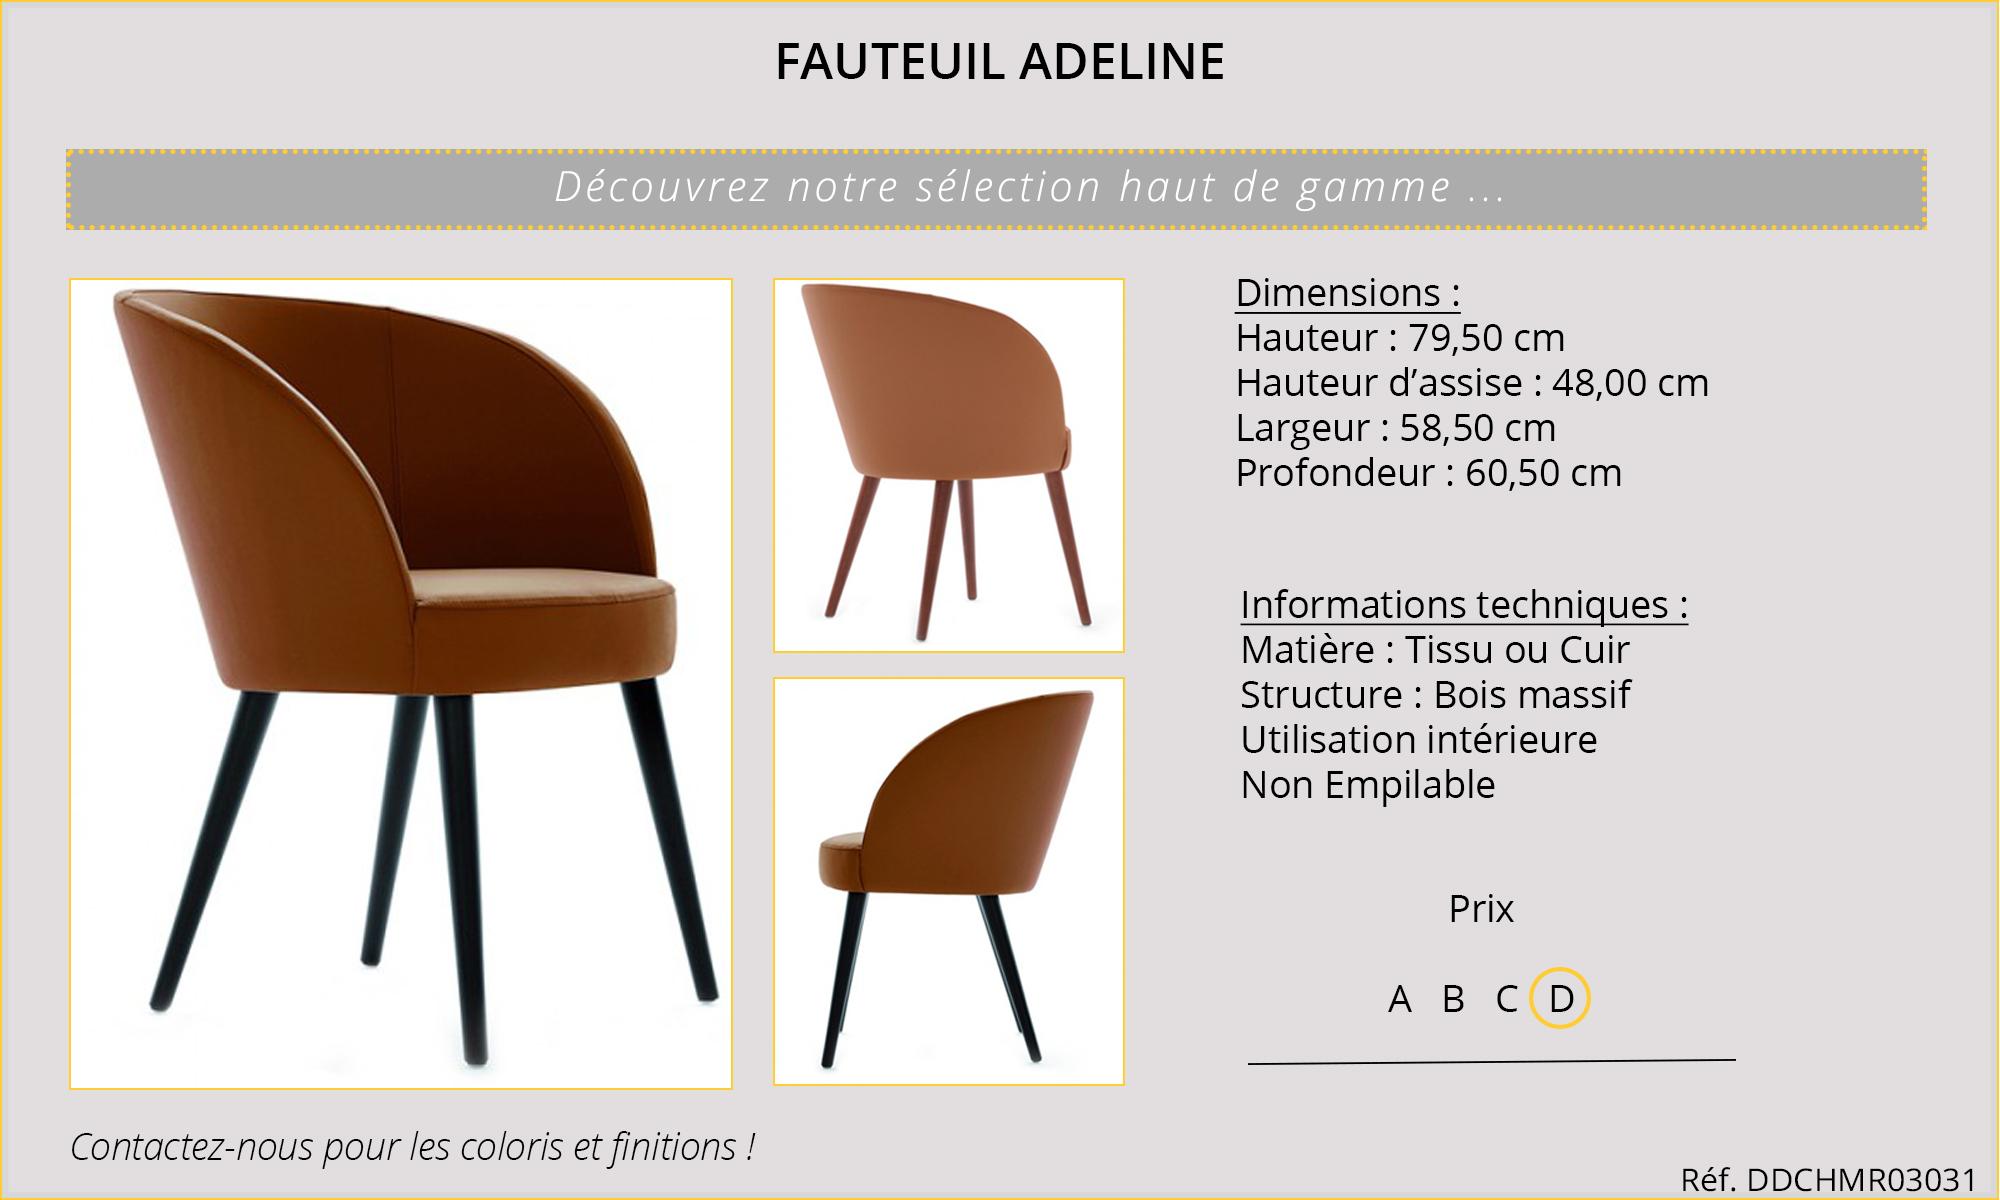 Rideaux HôteRestaurants CHR HORECA chaise Adeline